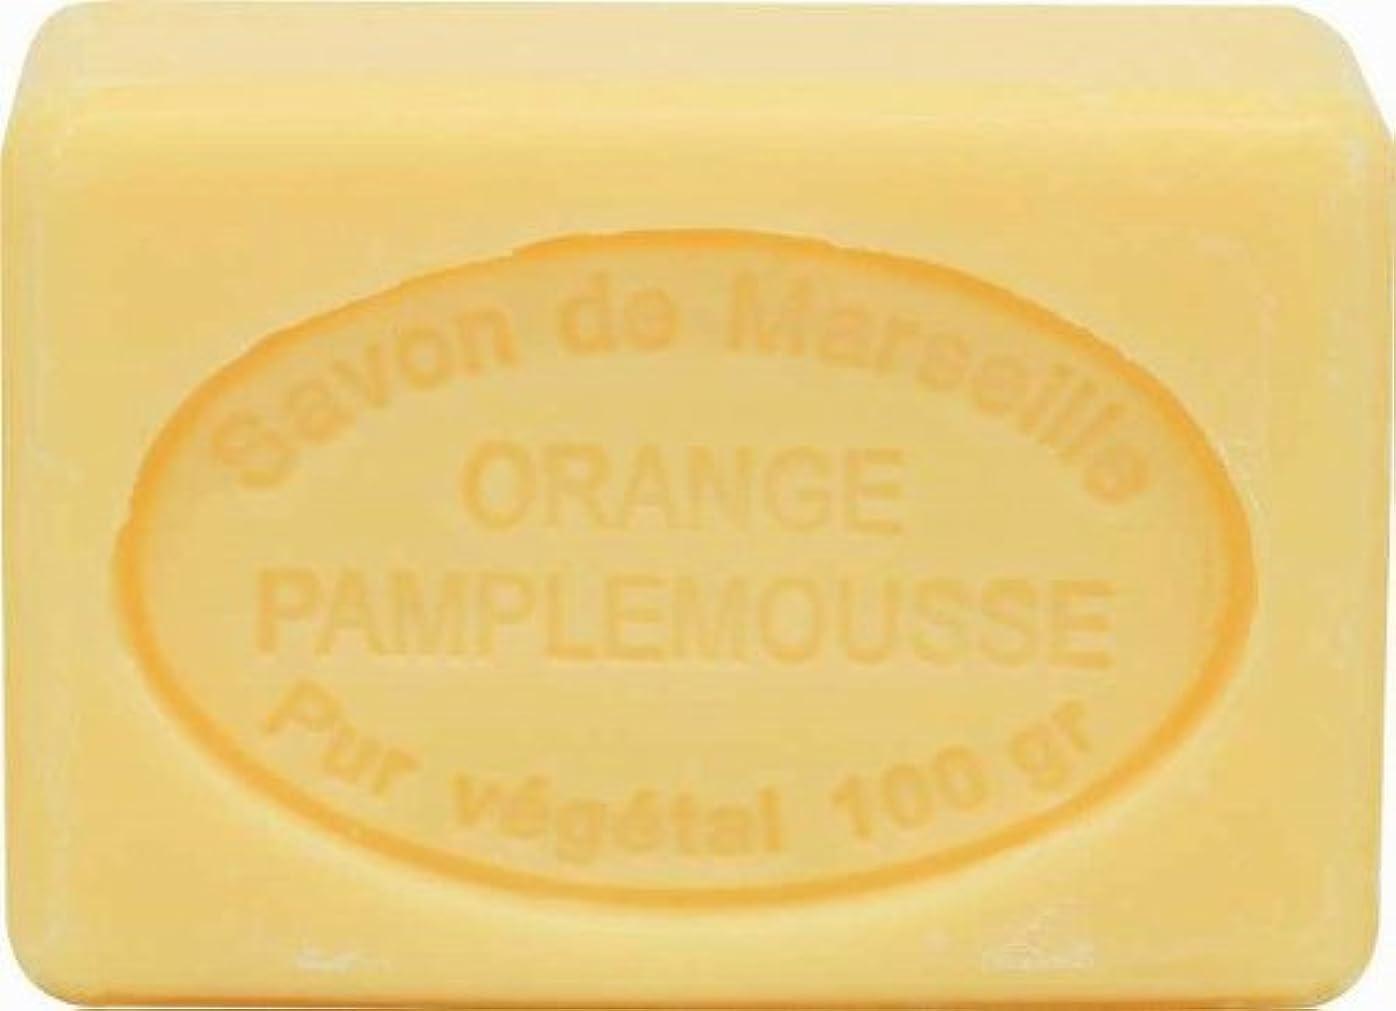 ハウスジャケット三角ル?シャトゥラール ソープ 100g オレンジグレープフルーツ SAVON 100